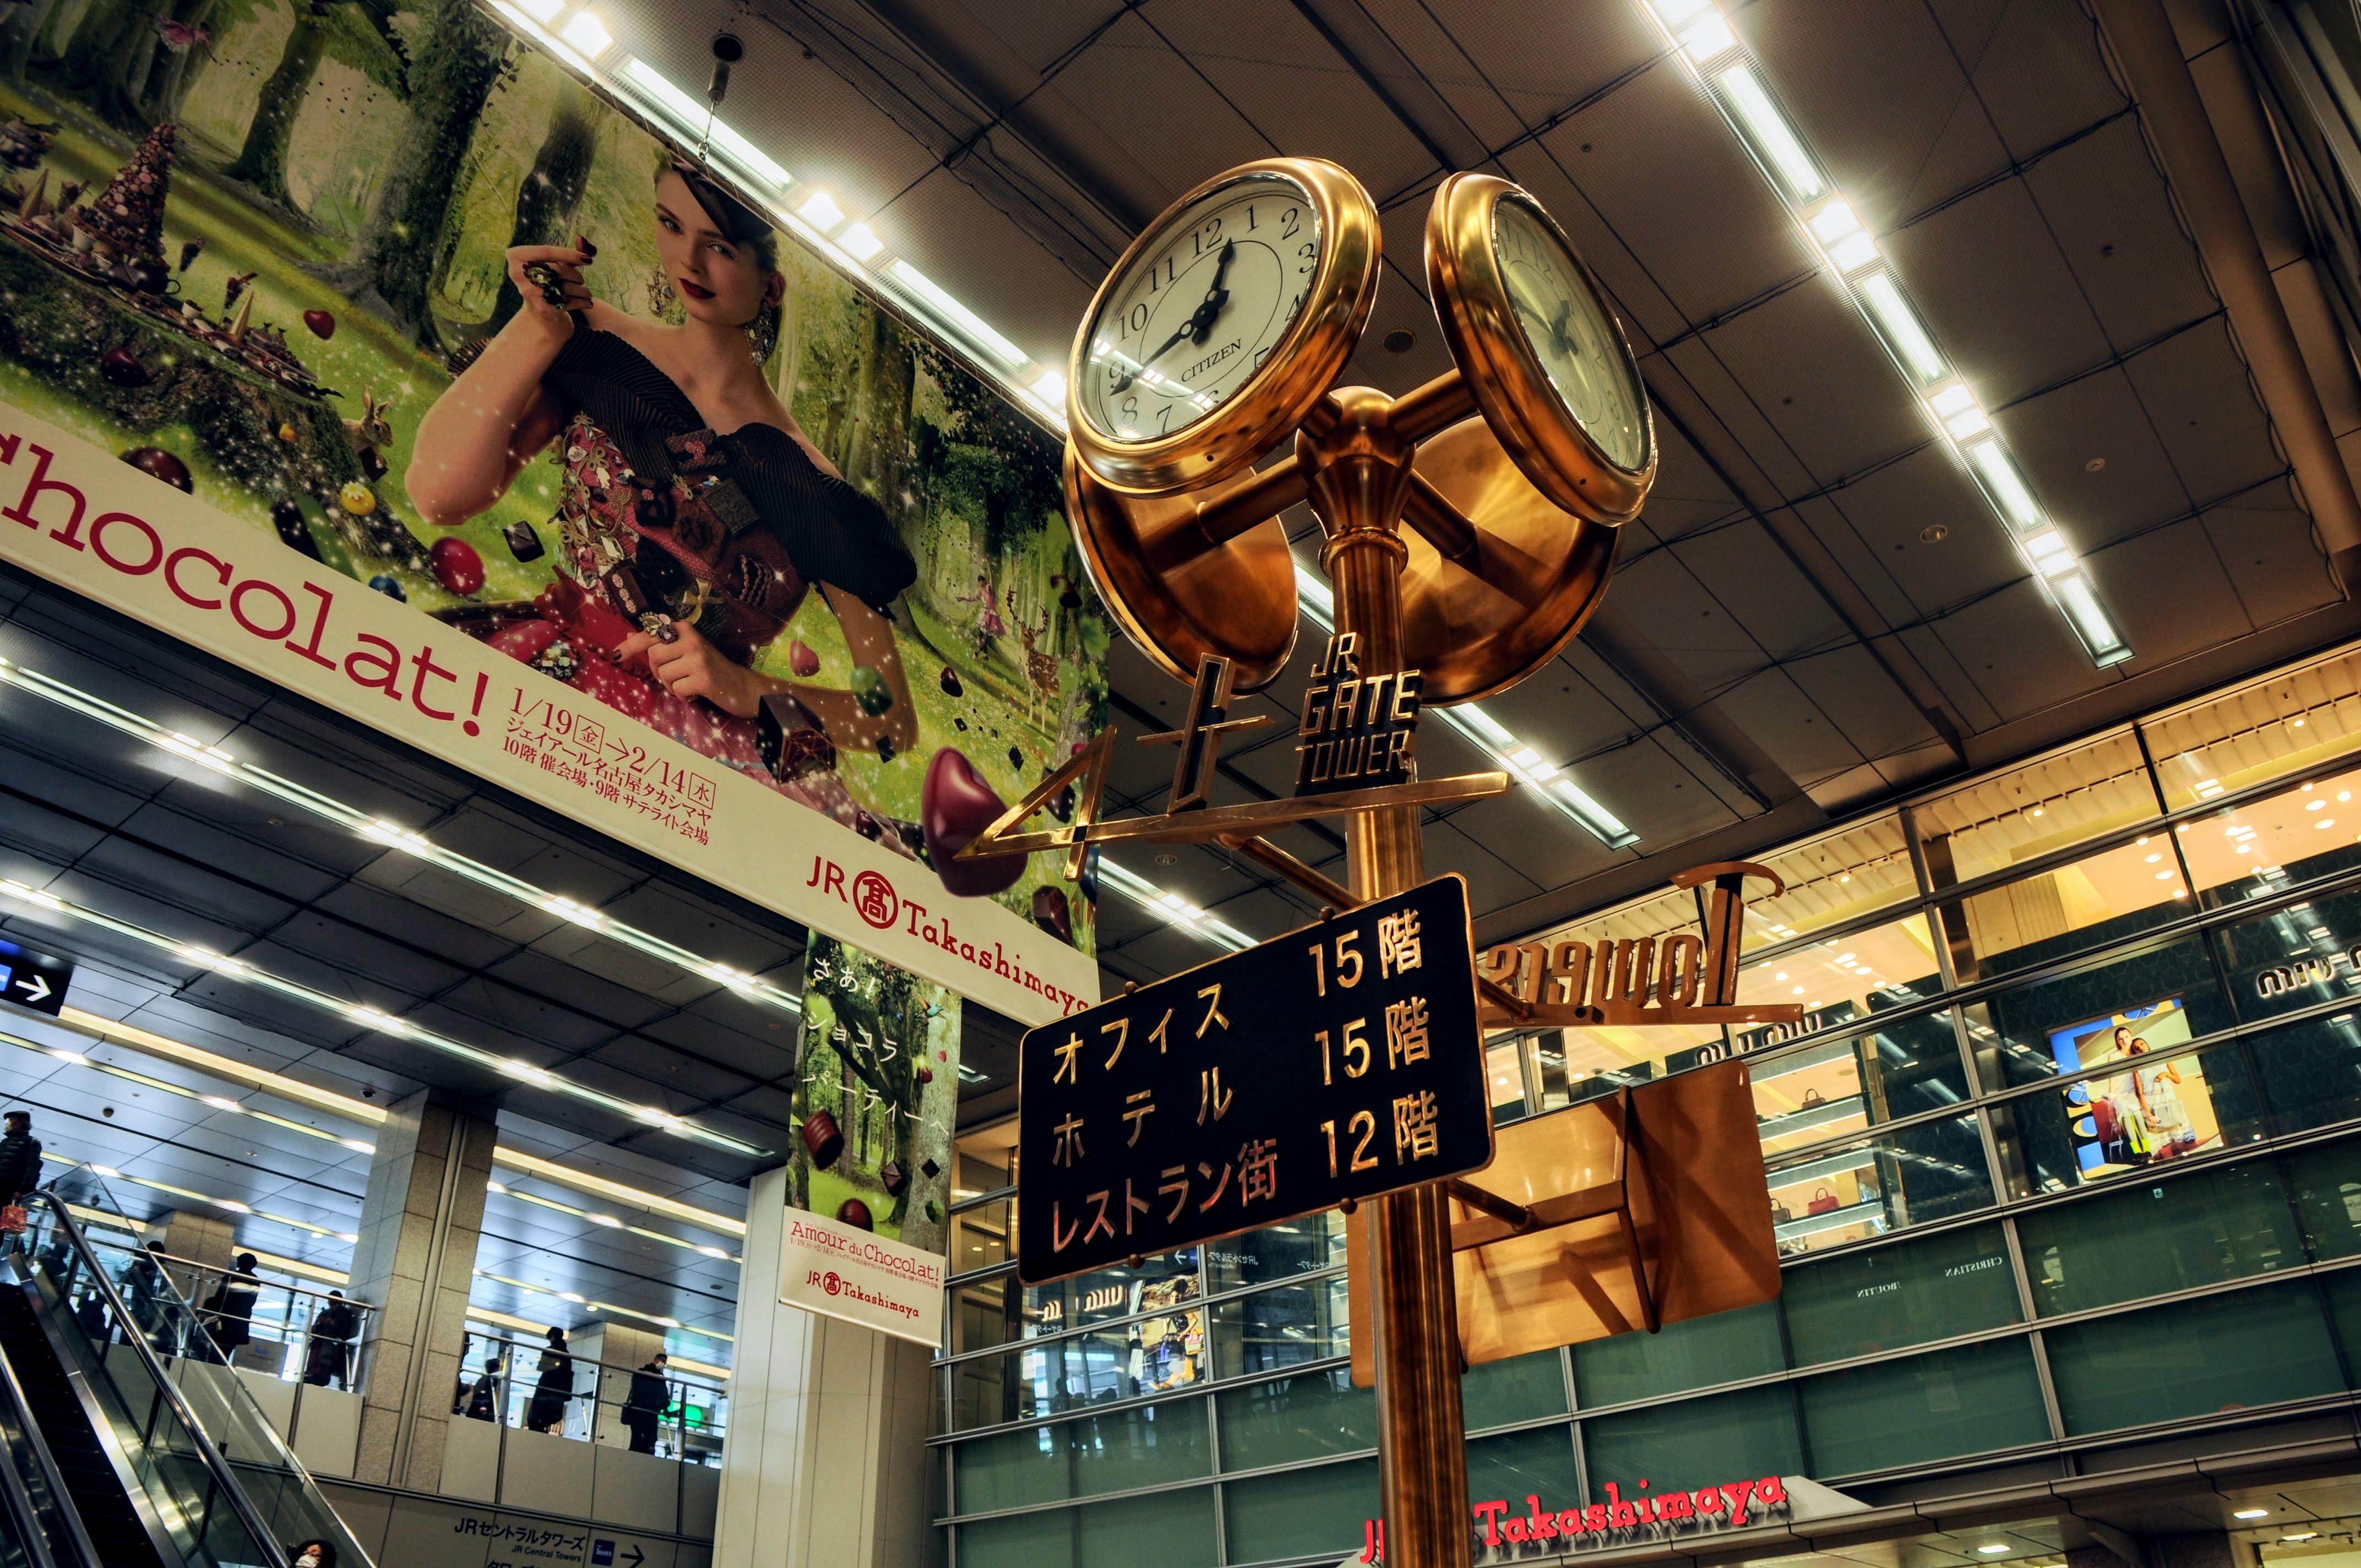 4月からの新生活!名古屋の生活に馴染むために抑えるべき20のポイント - DSC 0057 1